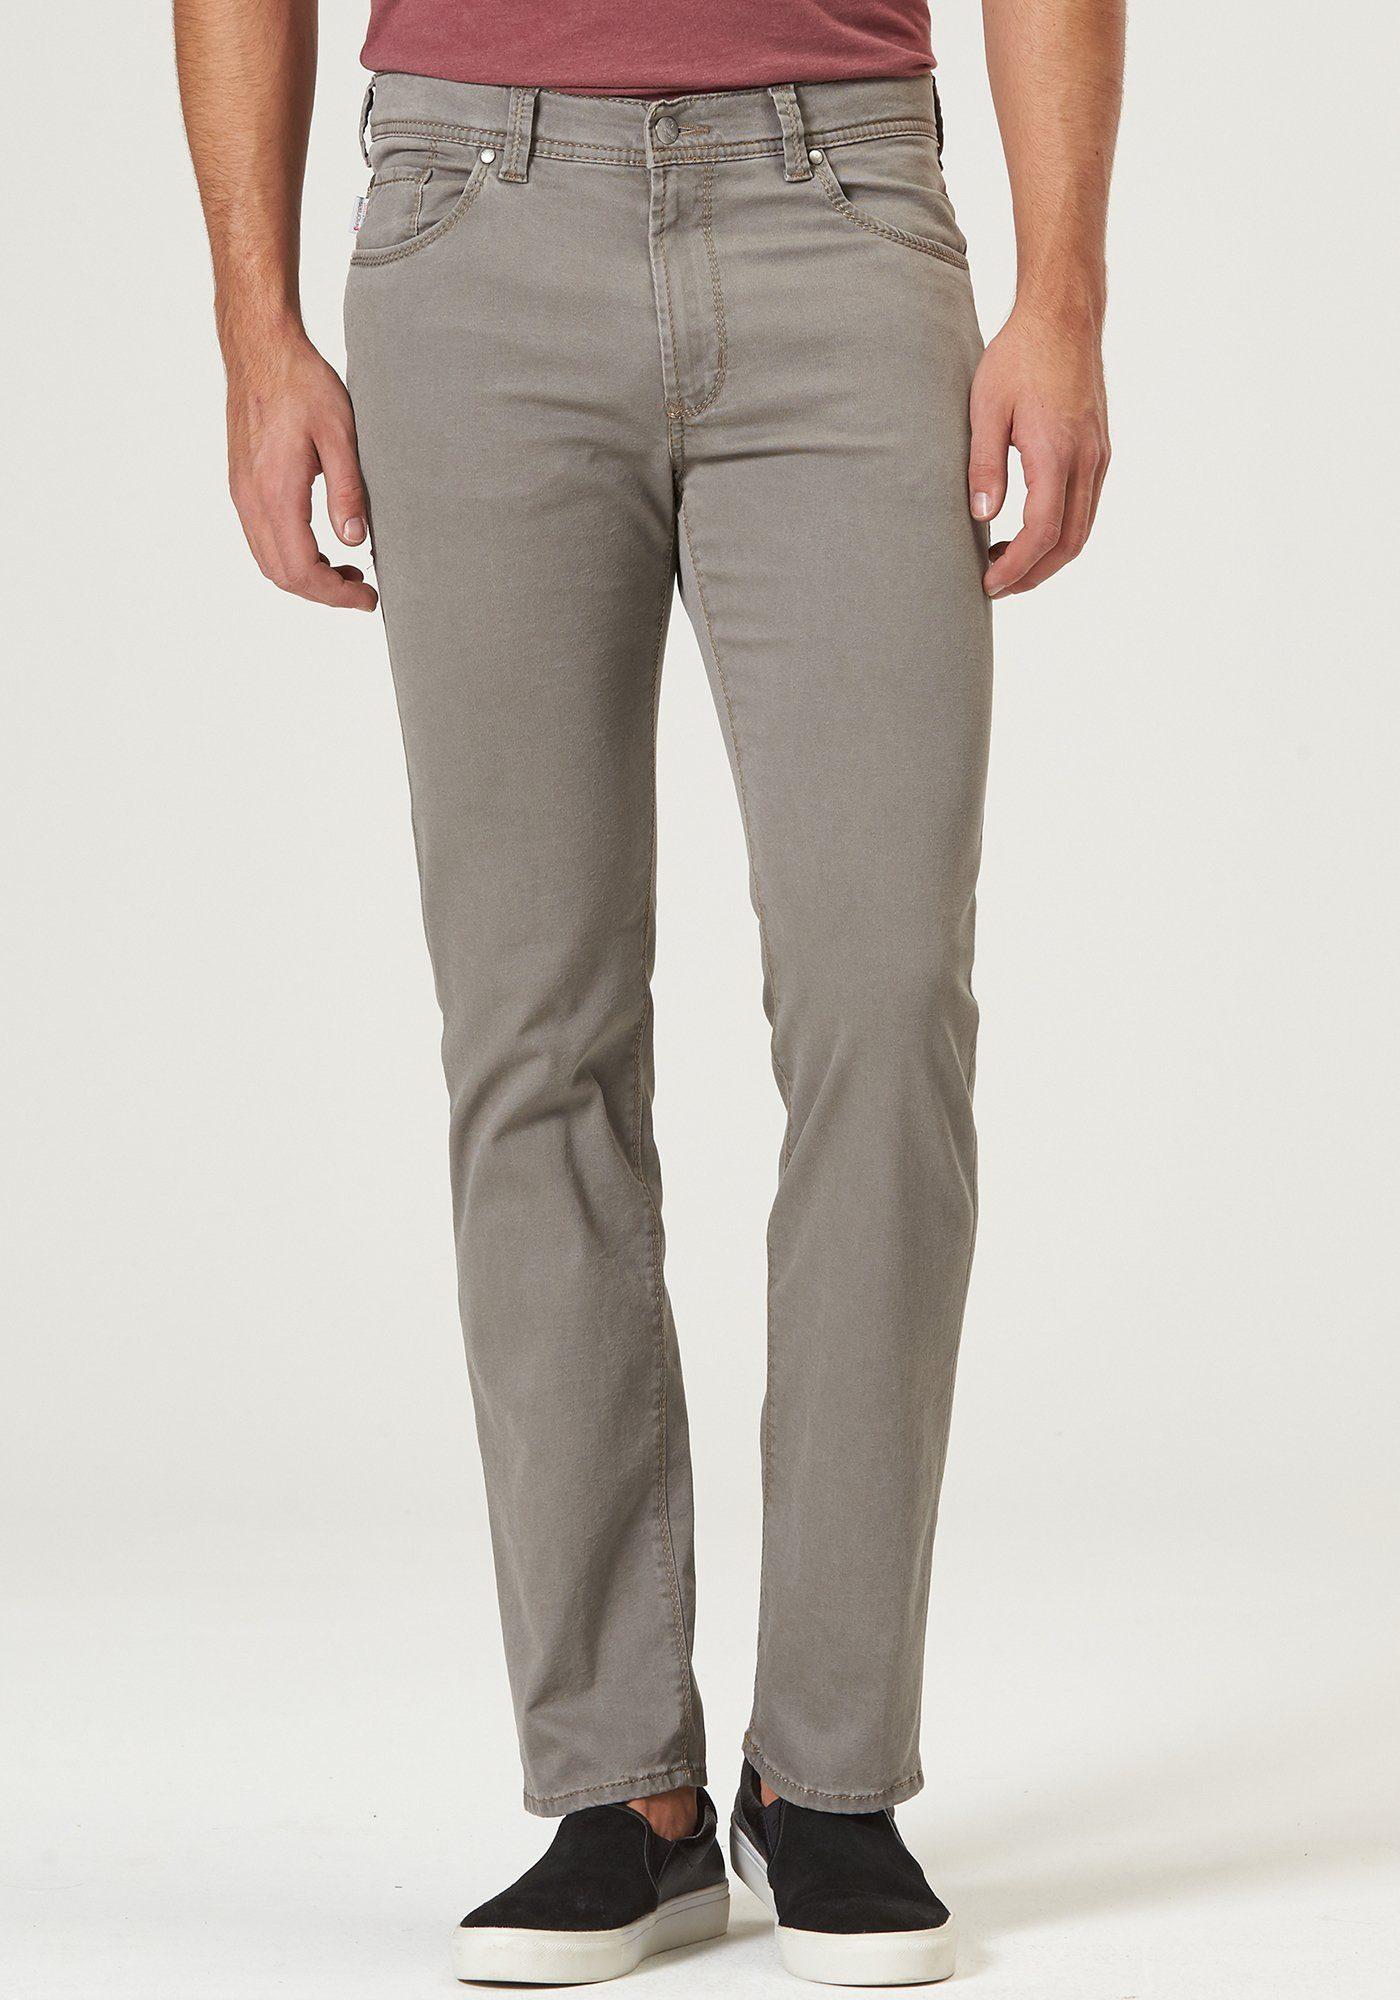 Lichte Spijkerbroek Heren : Pionier jeans casuals broek met glad weefsel voor heren thomas